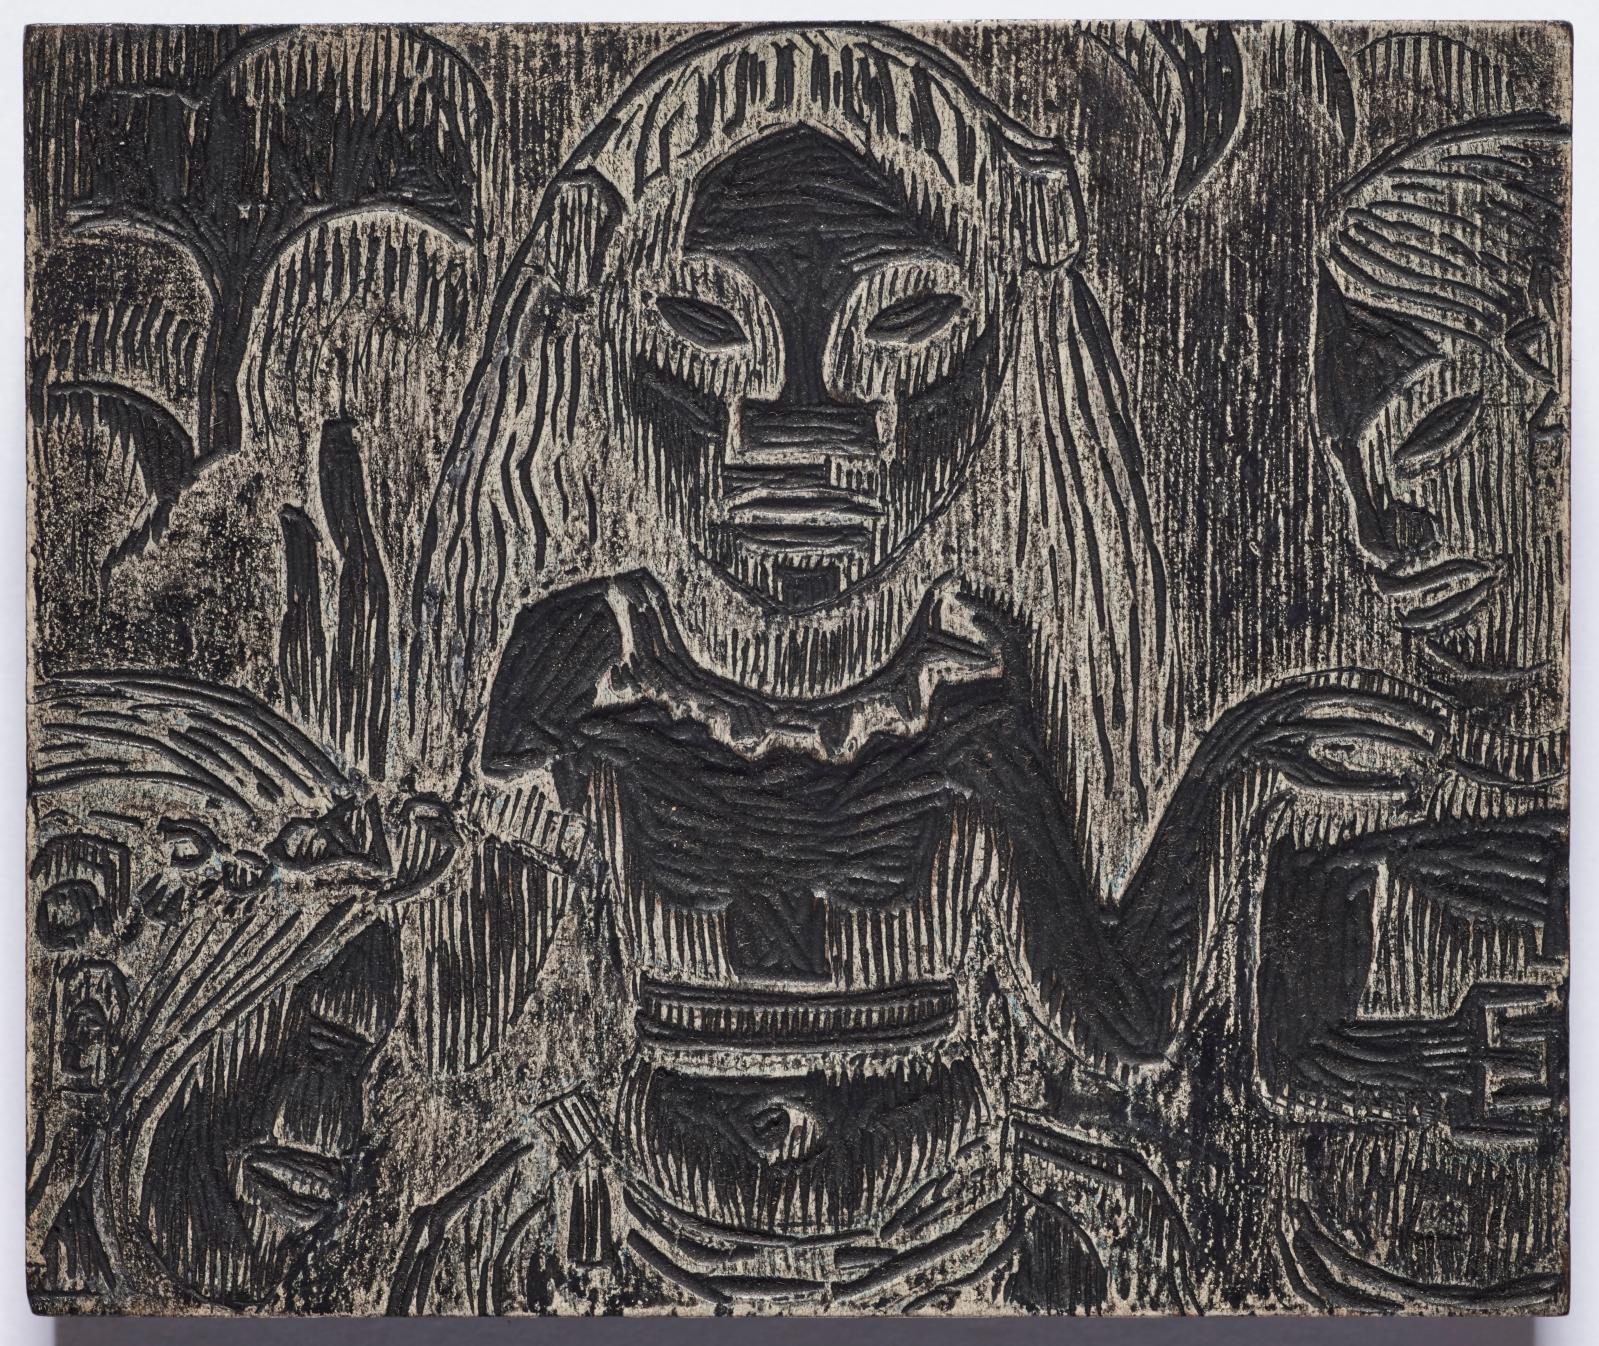 George-Daniel de Monfreid (1856-1929), ensemble de vingt-six bois gravés pour l'édition de 1924 par Crès de Noa Noa de Paul Gauguin. Adjug